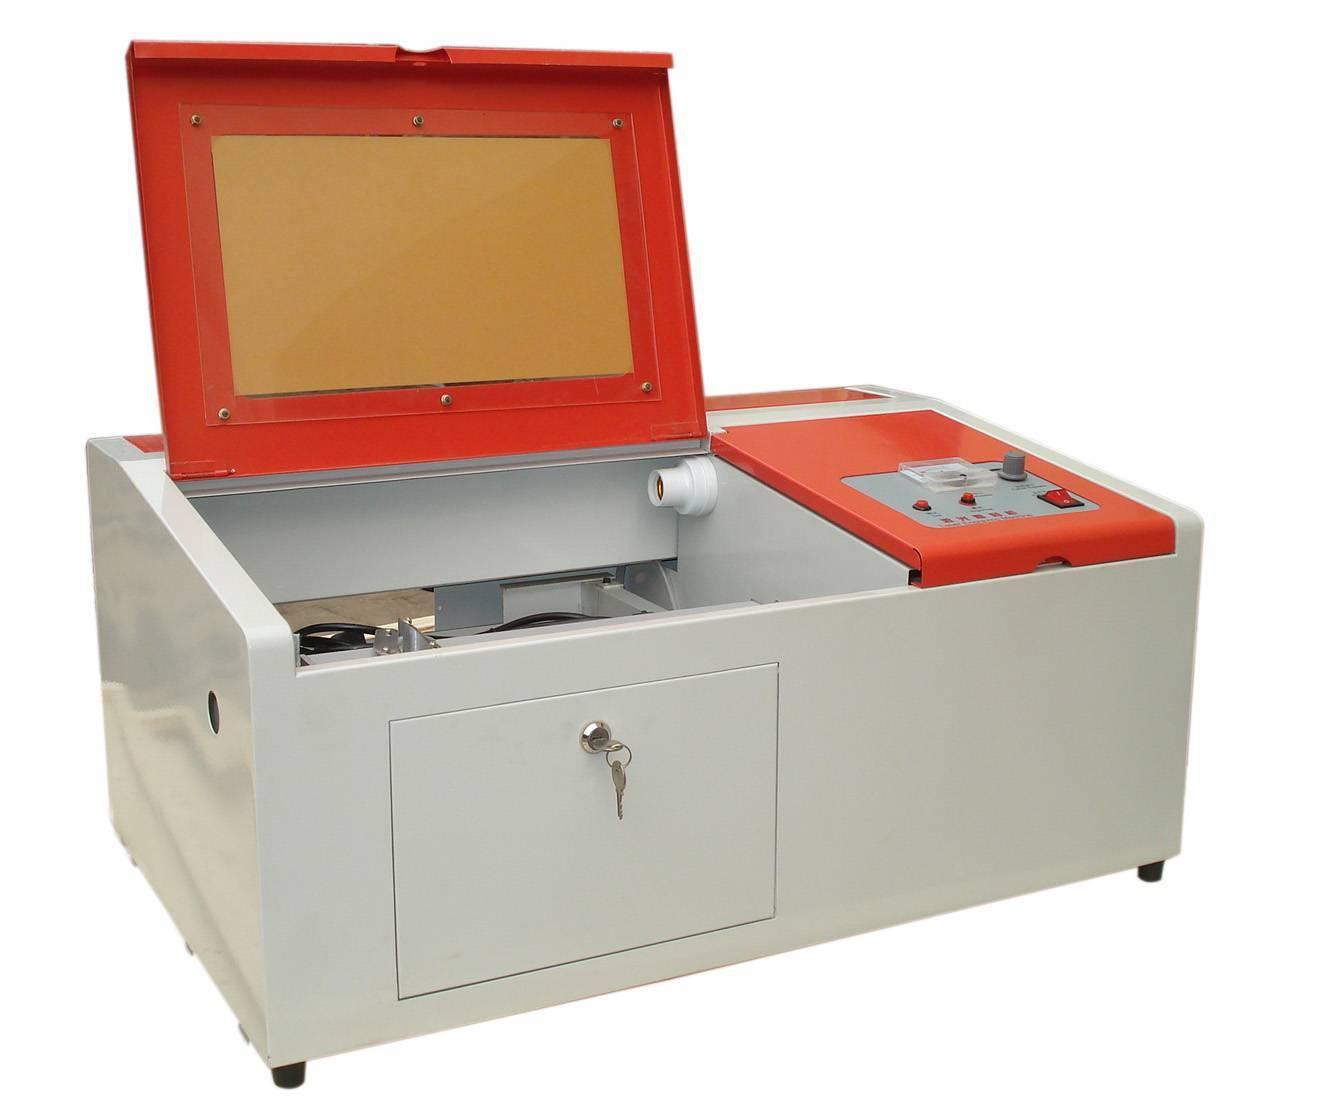 Laser stamp engraving machine (JOY)-3020